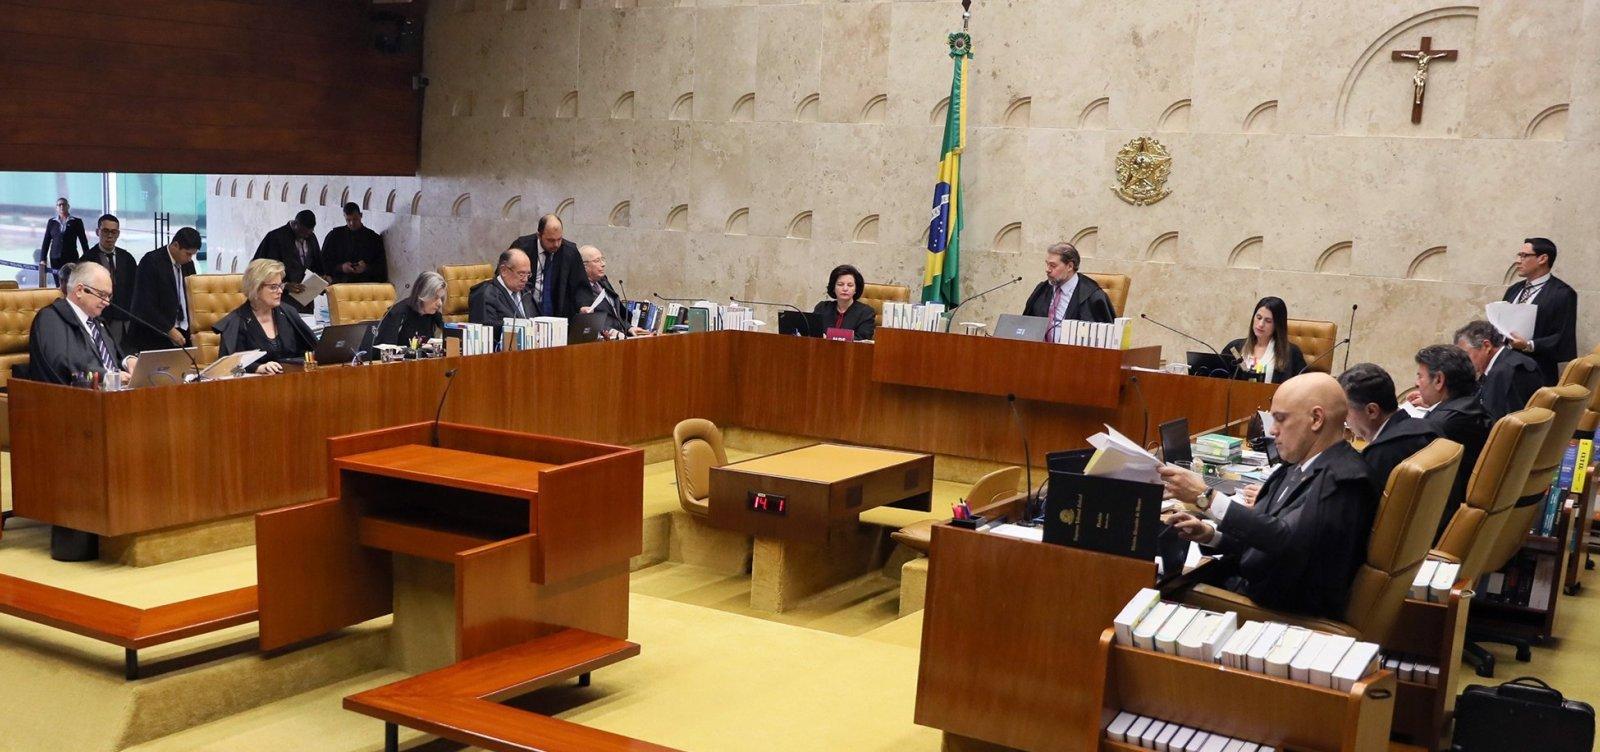 Por unanimidade, STF confirma decisão que suspendeu ações policiais dentro de universidades